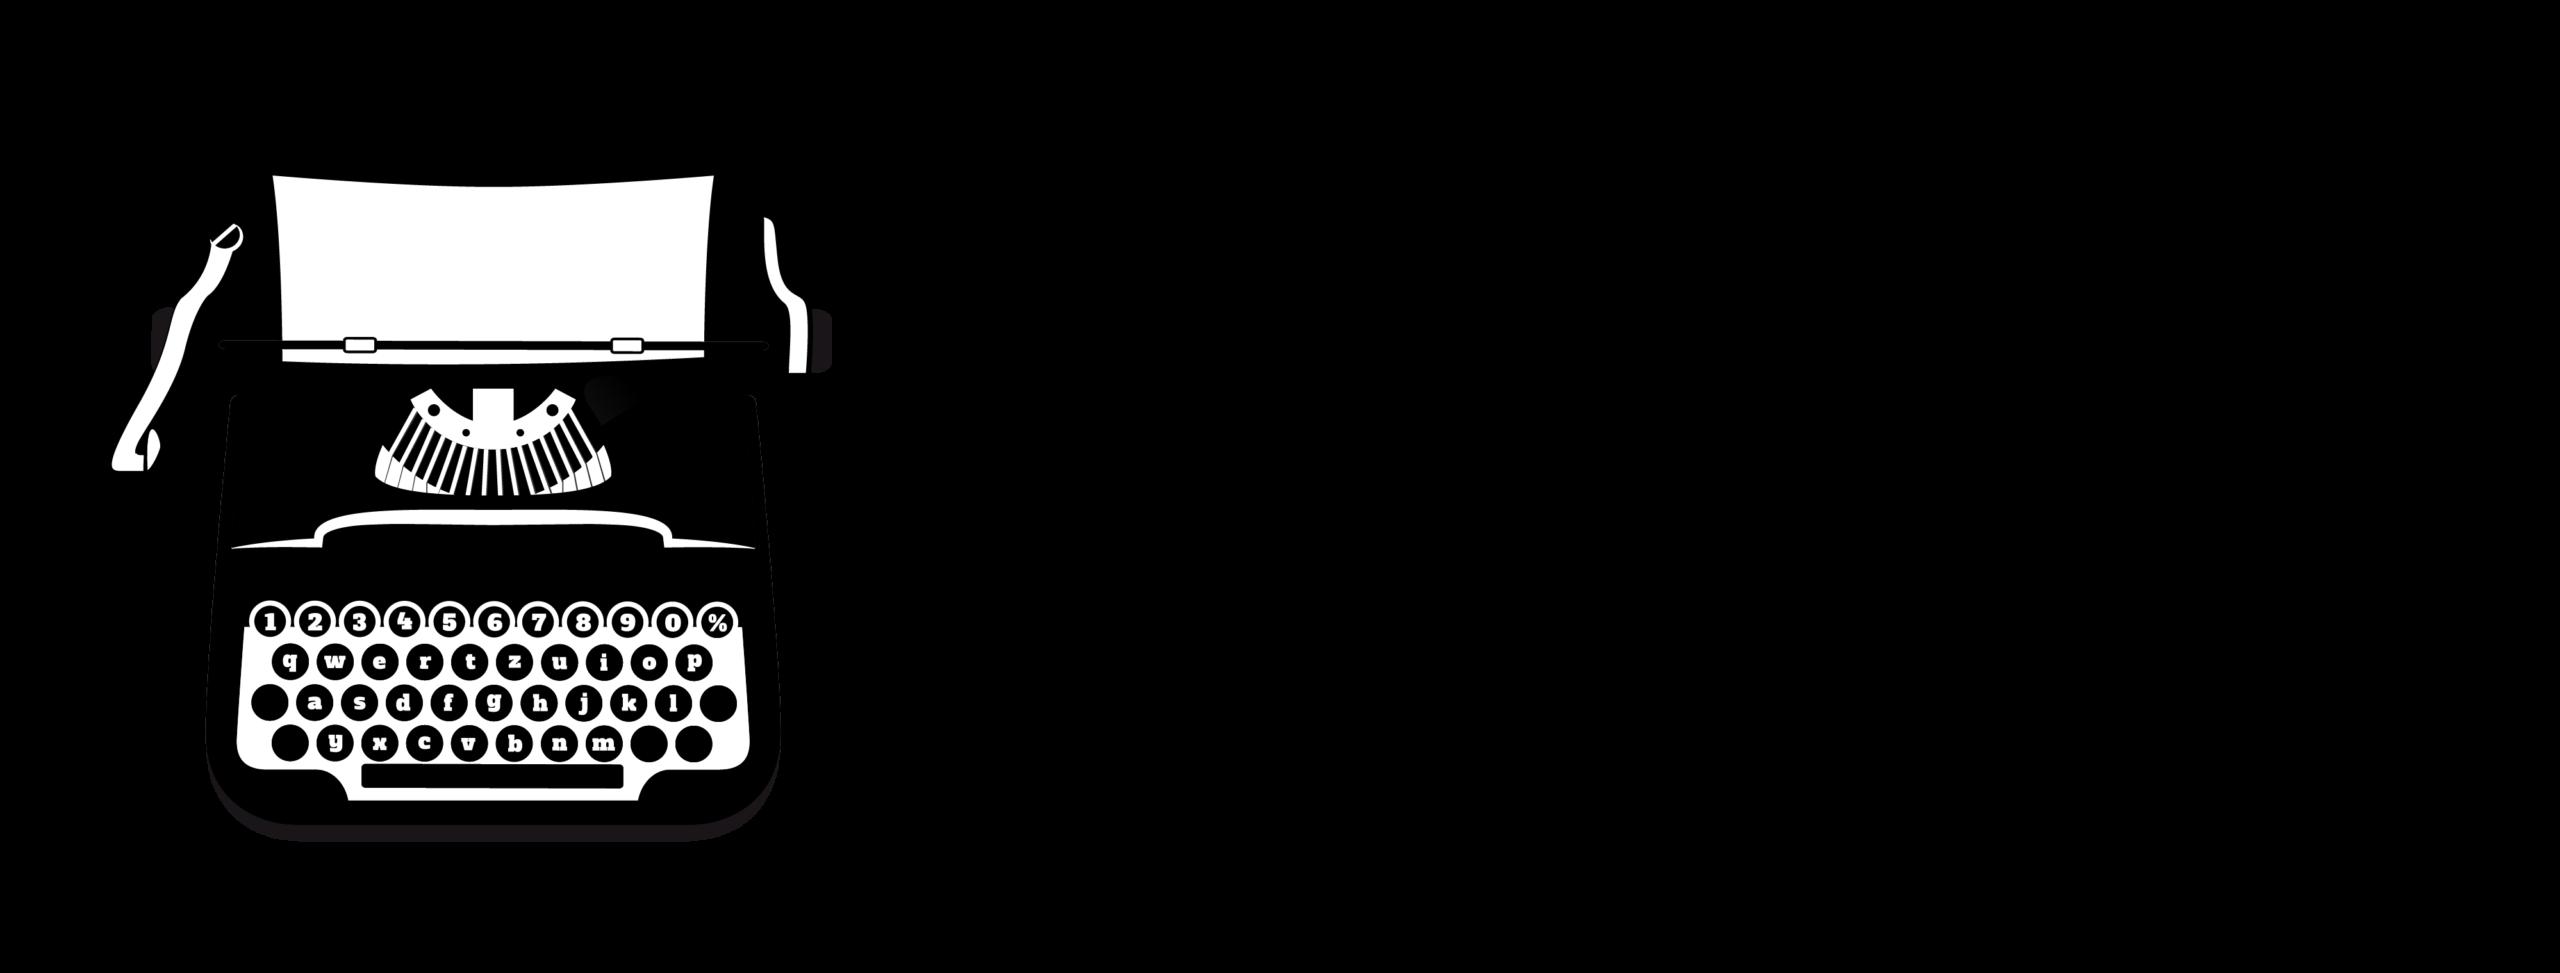 Logo Editorial Letra Minúscula lateral negro fondo transparente